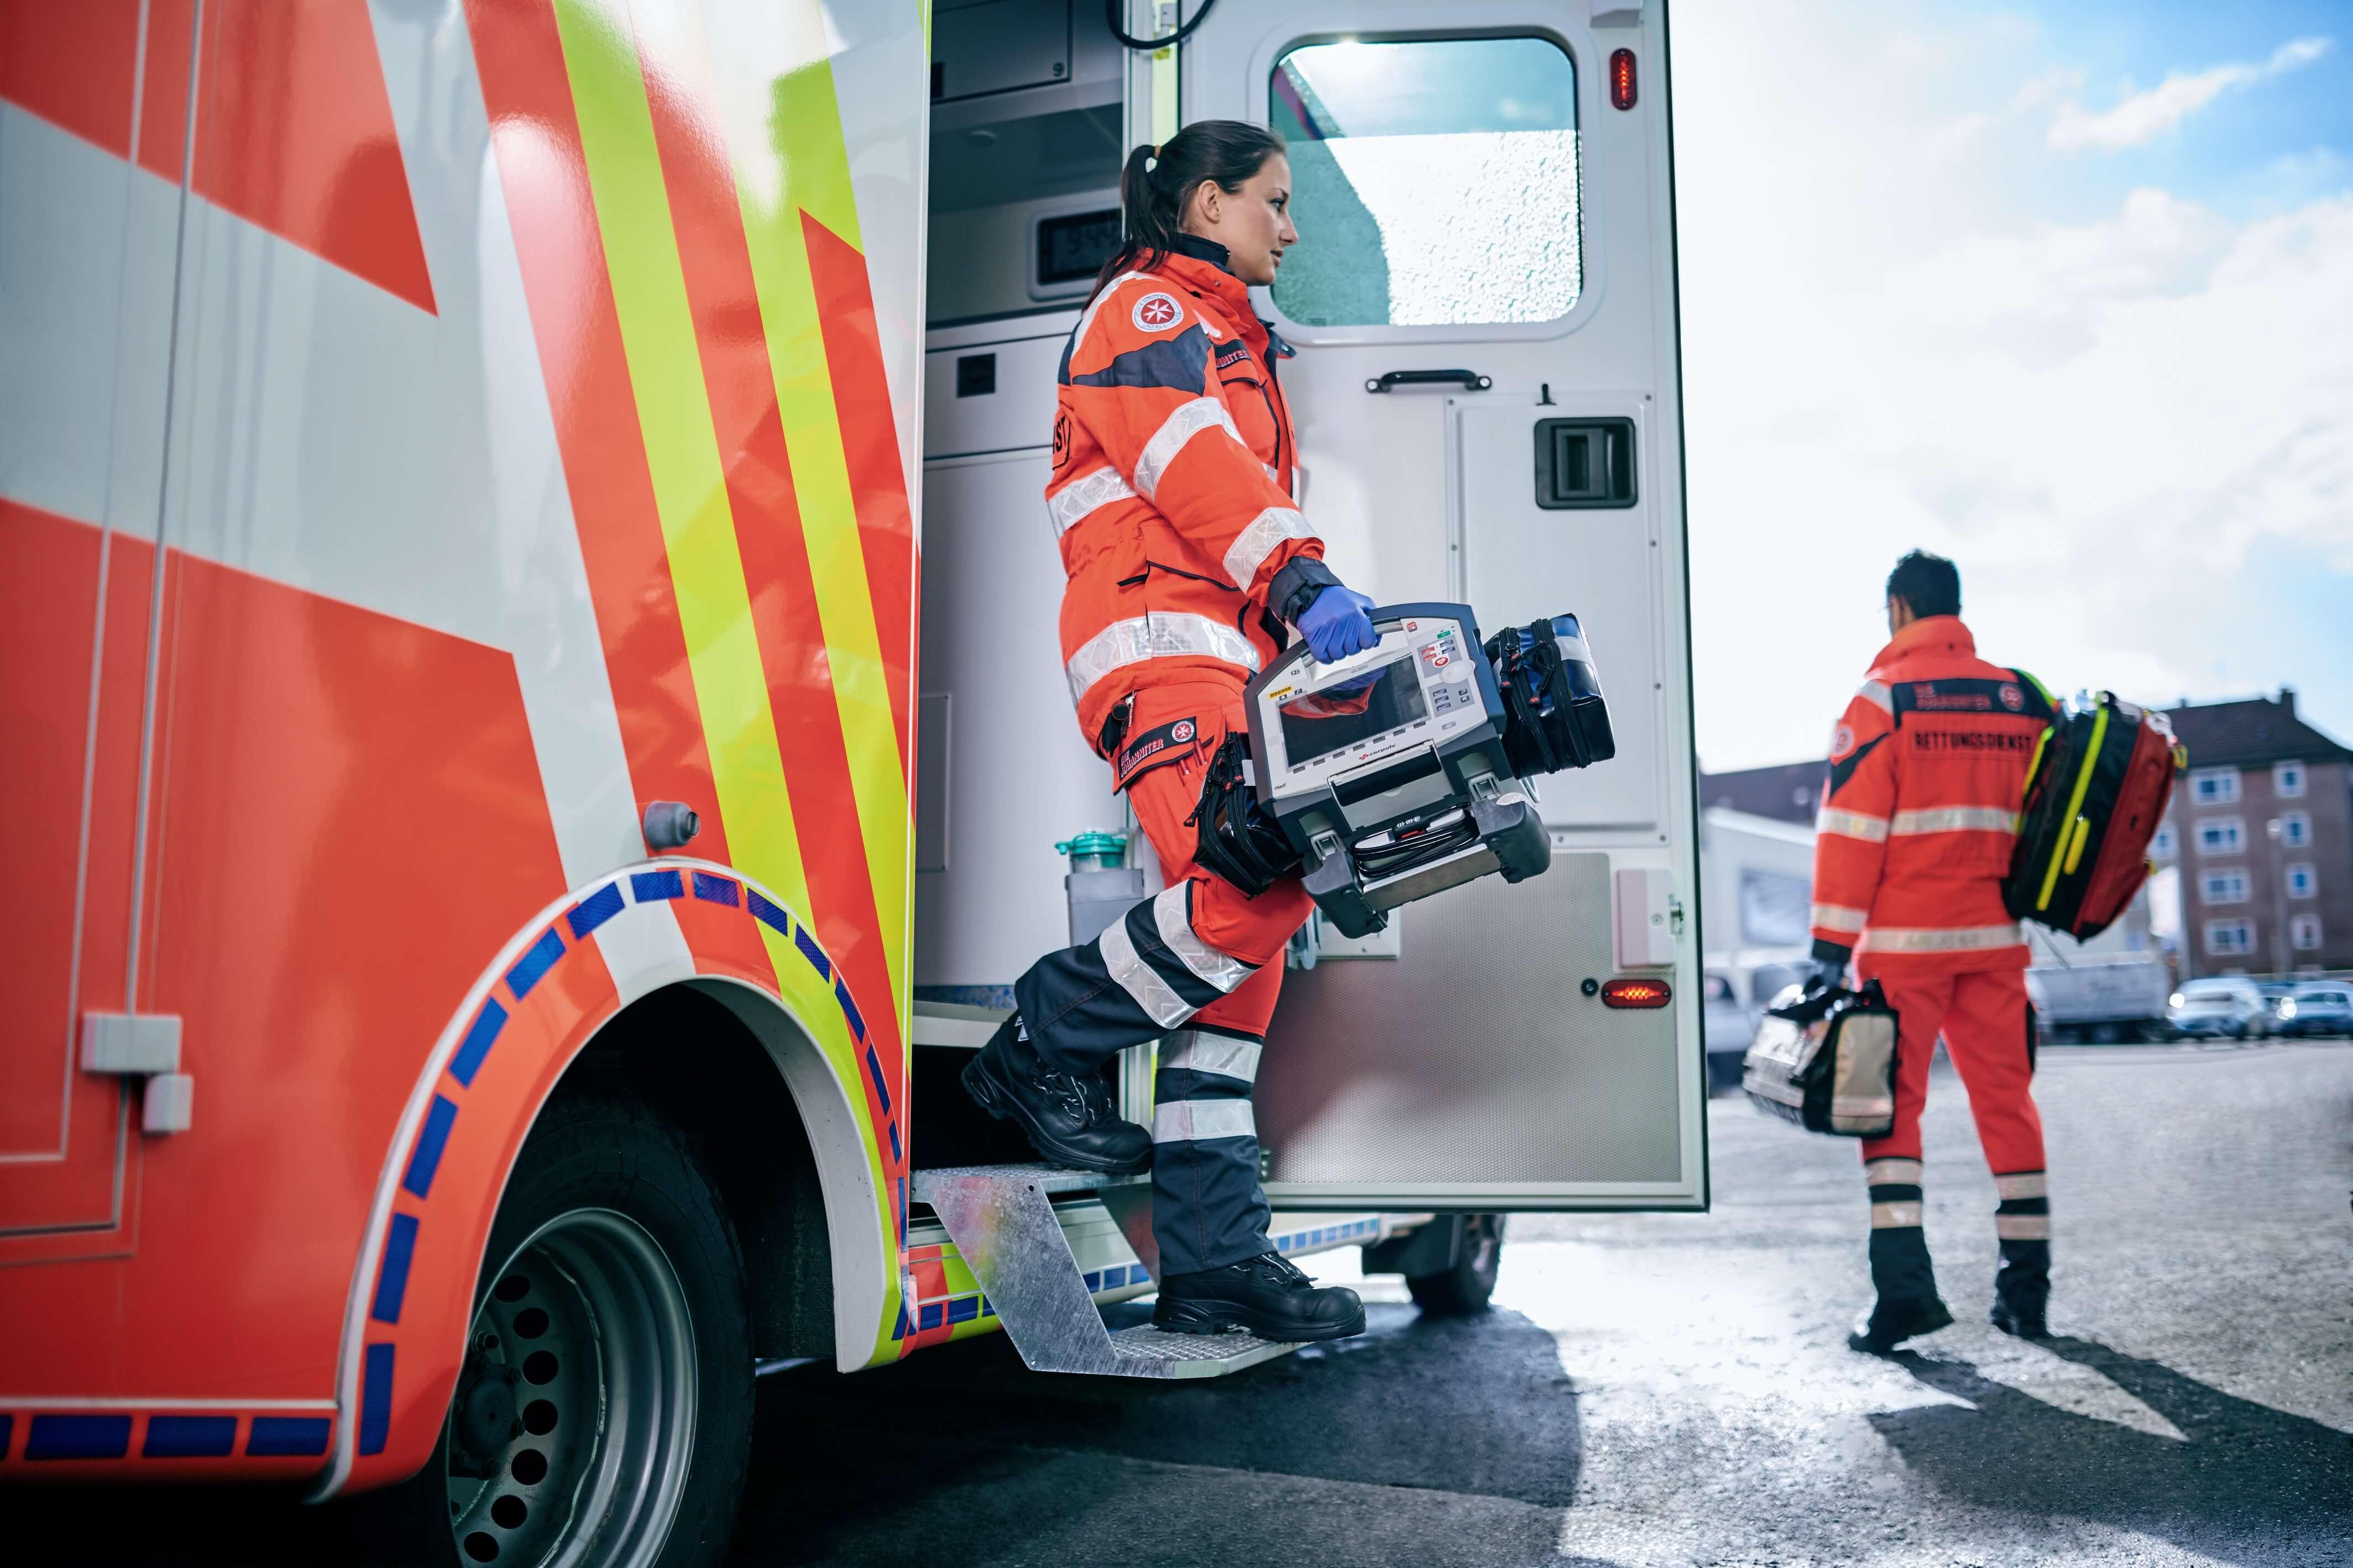 Die Notfall-, Rettungssanitäter und freiwilligen Rettungshelfer können im Ernstfall schnell helfen.